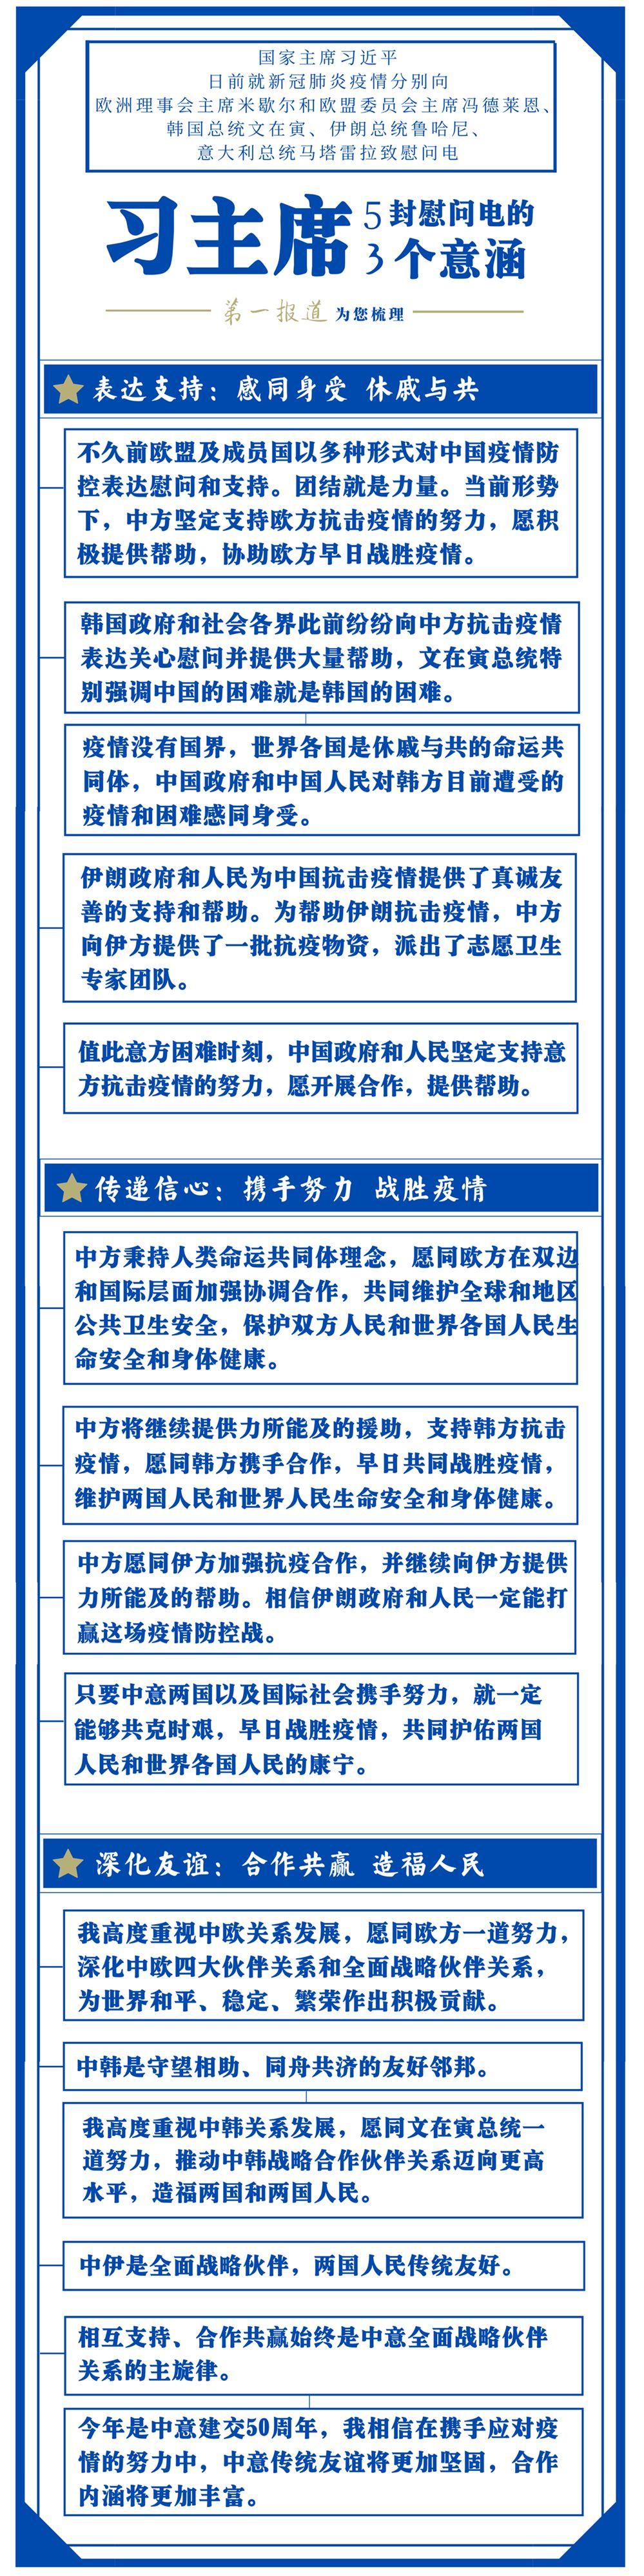 第一报道 | 习主席这5封慰问电,传递中国情谊,彰显大国担当图片